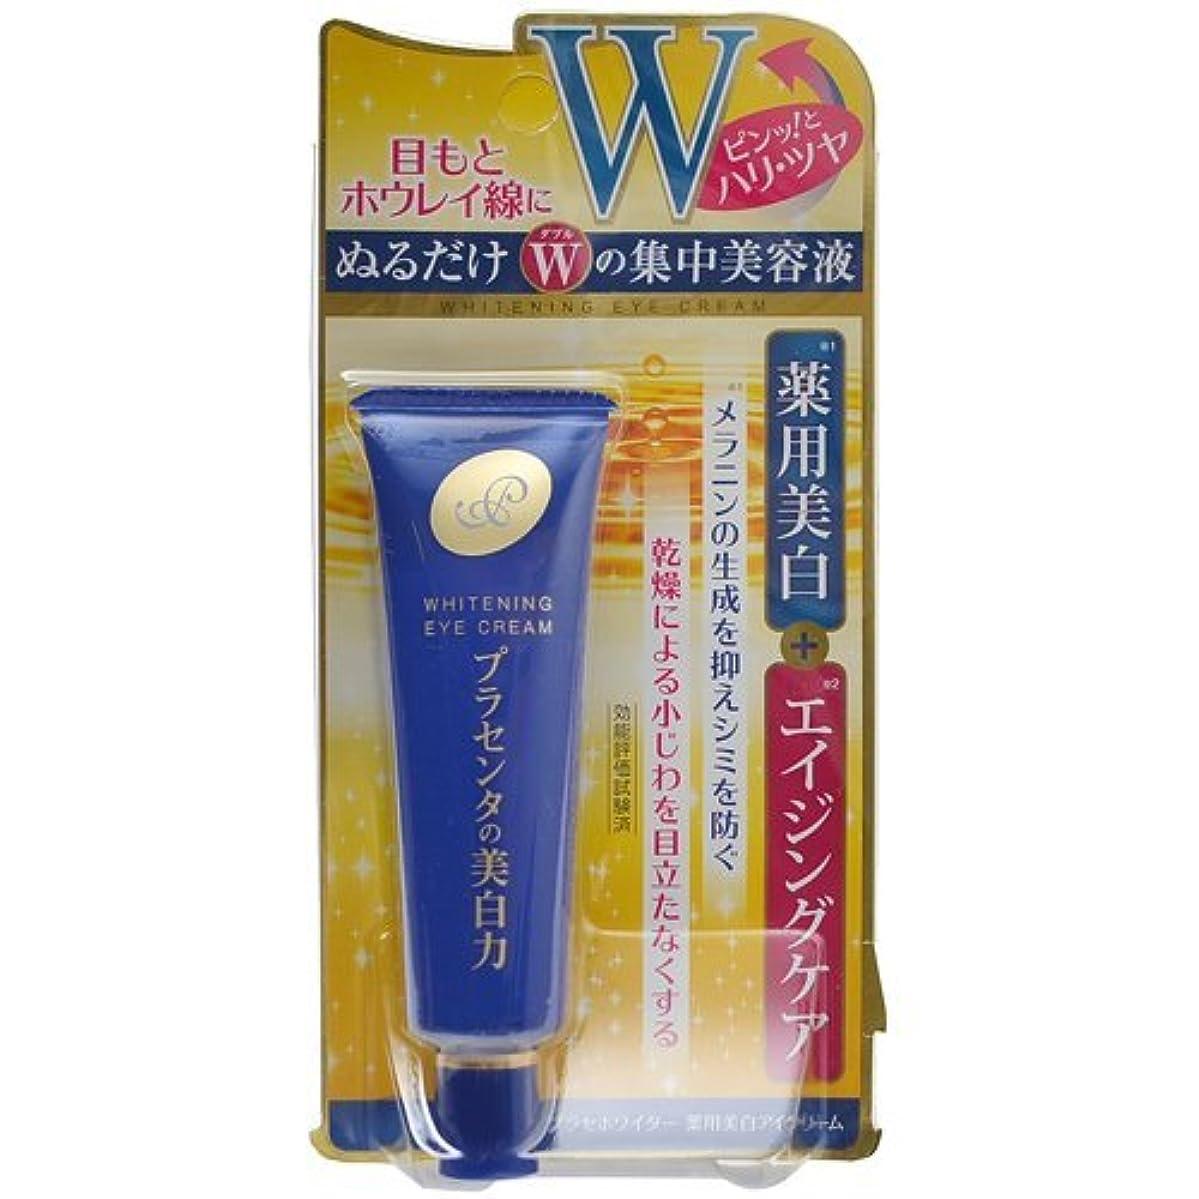 前大脳嫌い【セット品】プラセホワイター 薬用美白アイクリーム 30g (医薬部外品) ×6個